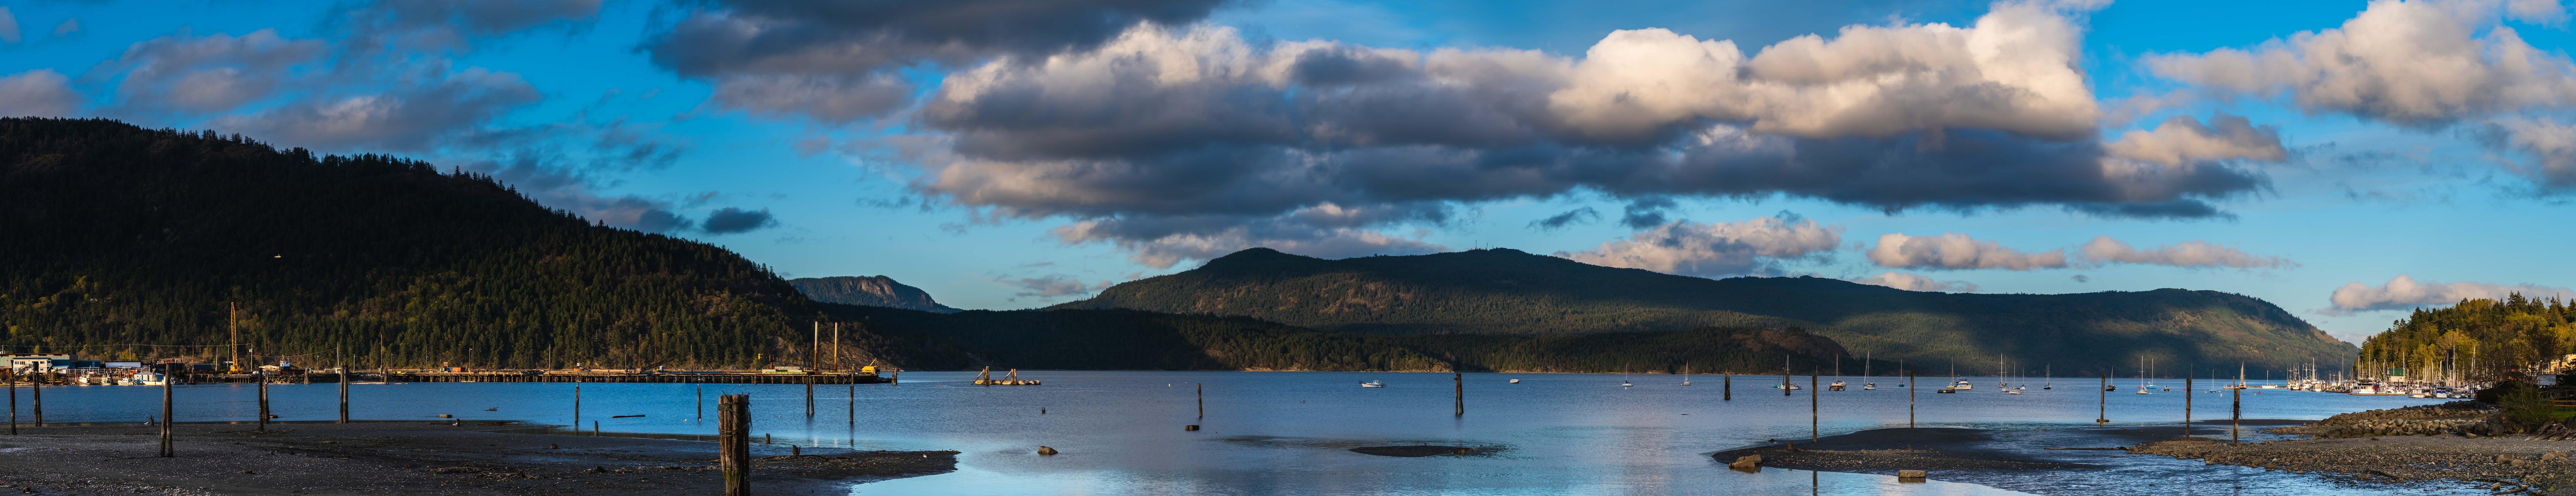 คลังภาพถ่ายฟรี ของ น้ำลง, พาโนรามา, ภาพทะเล, มหาสมุทรแปซิฟิก